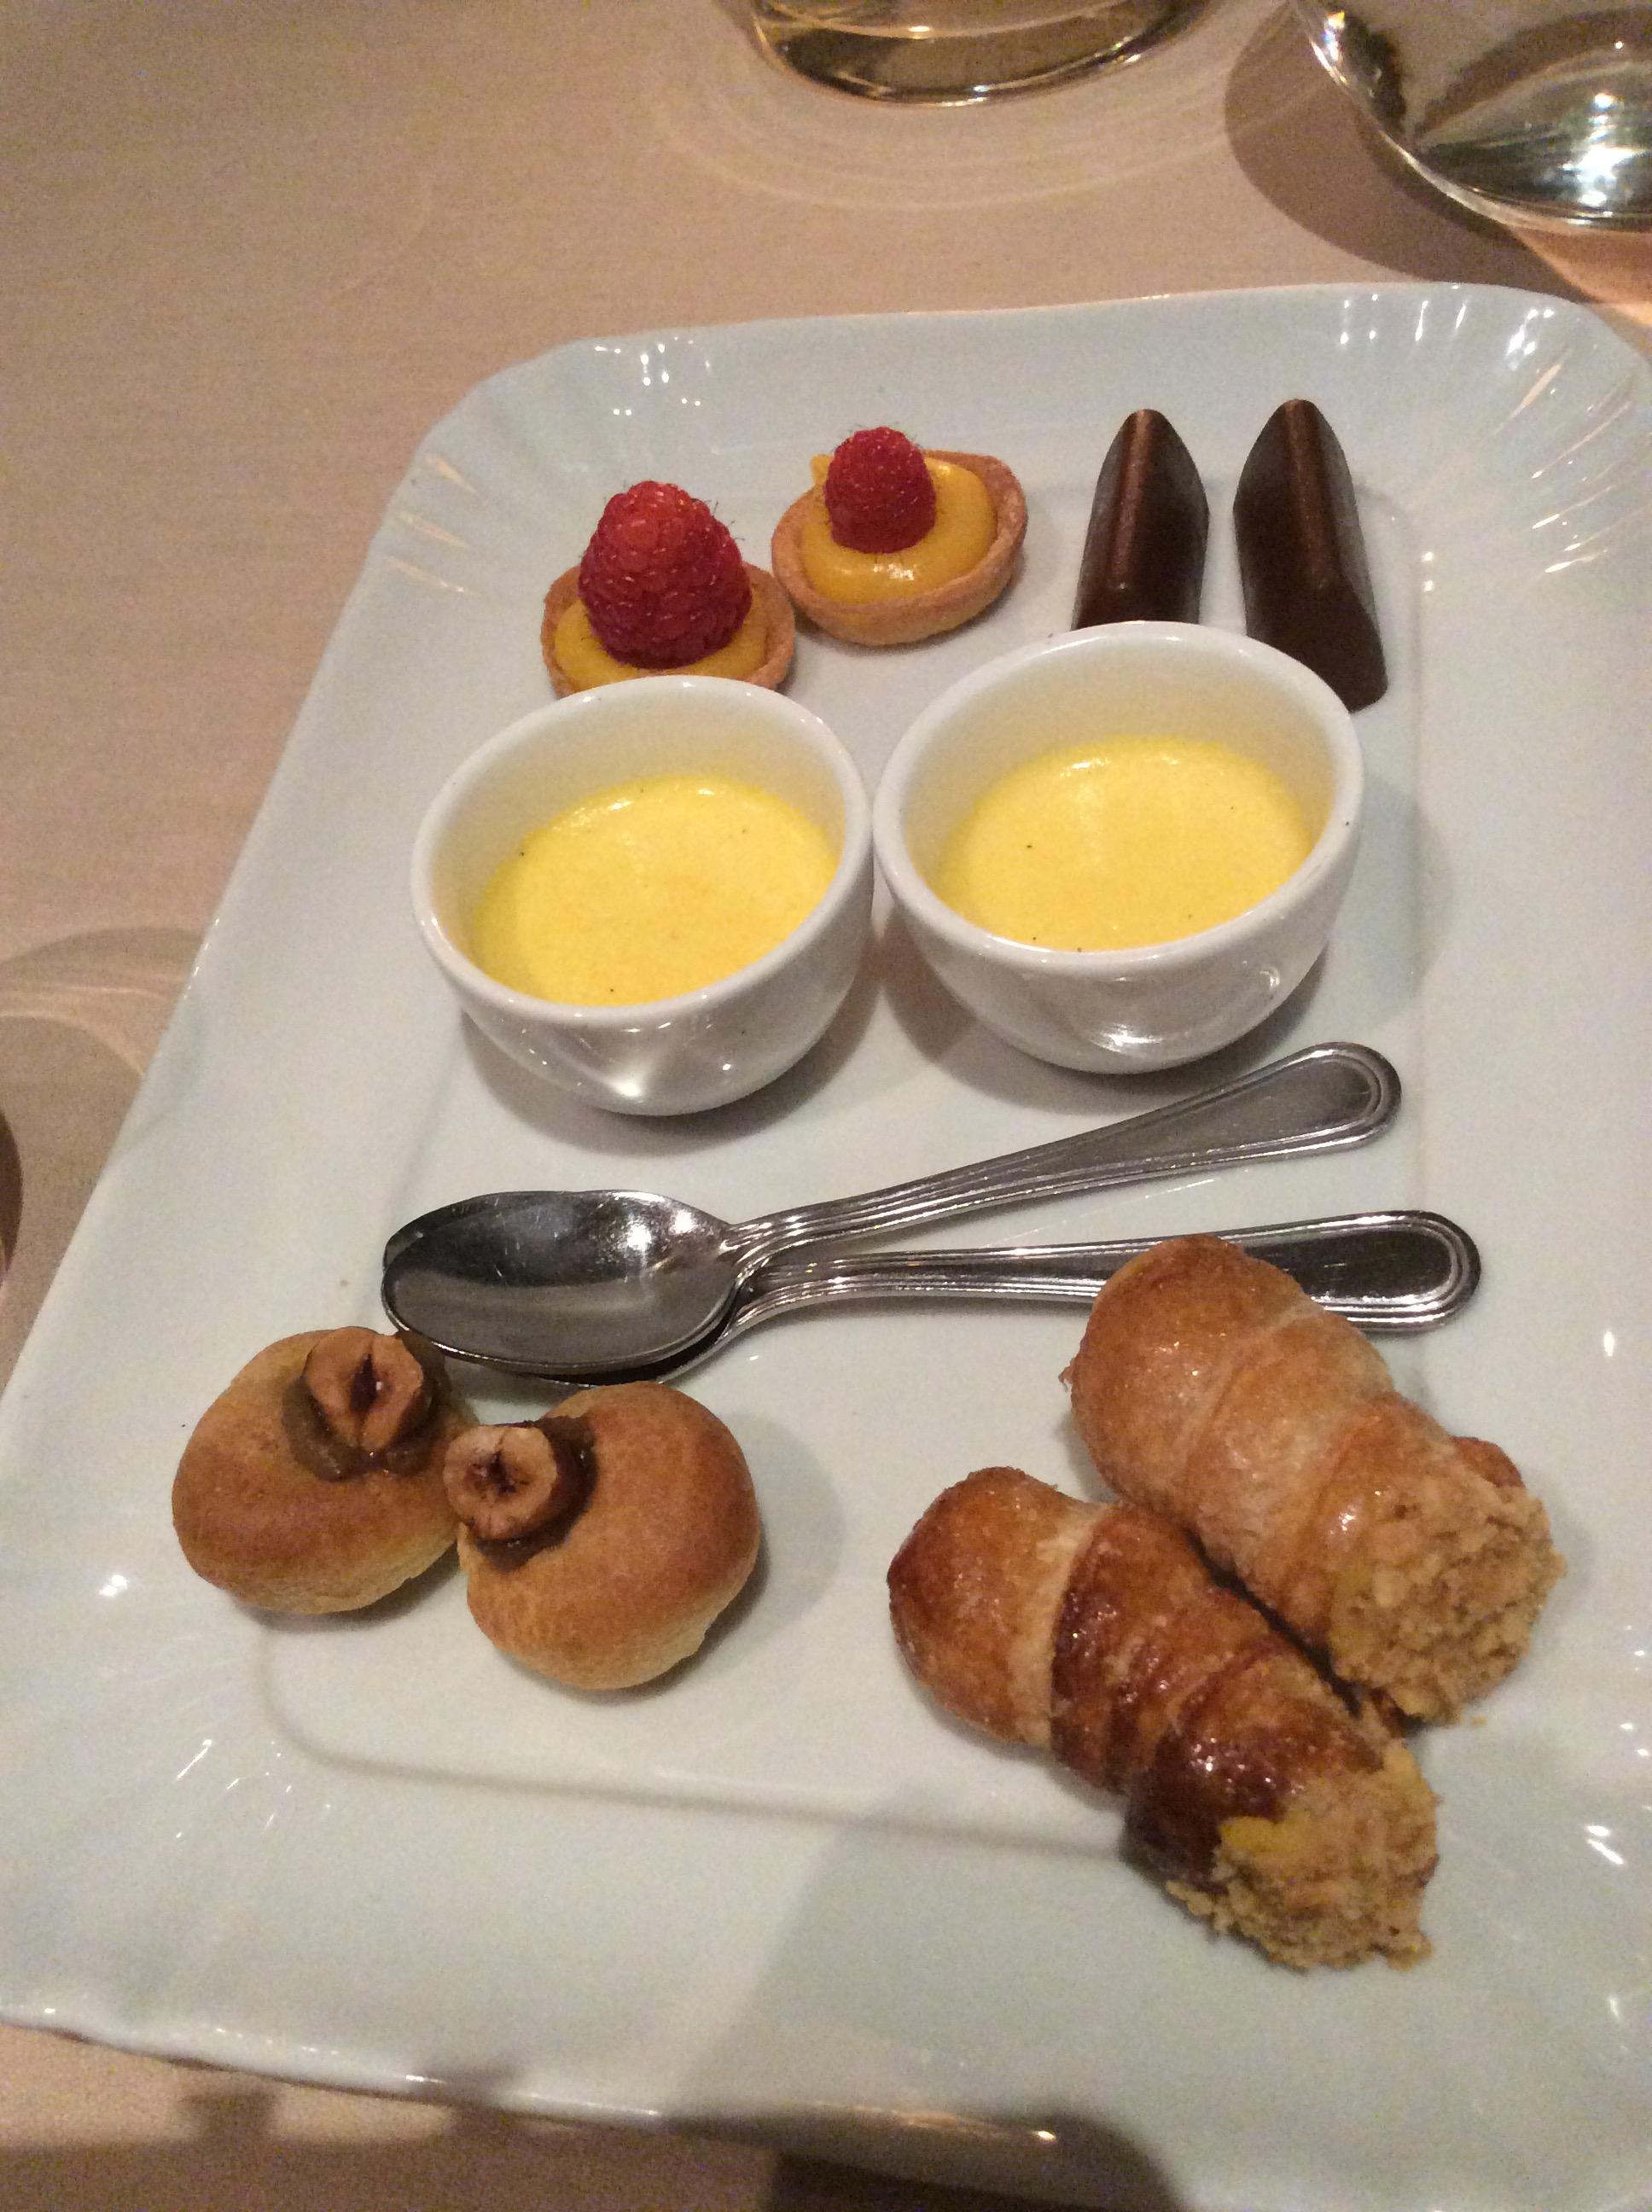 http://gourmet-italian.com/392.JPG